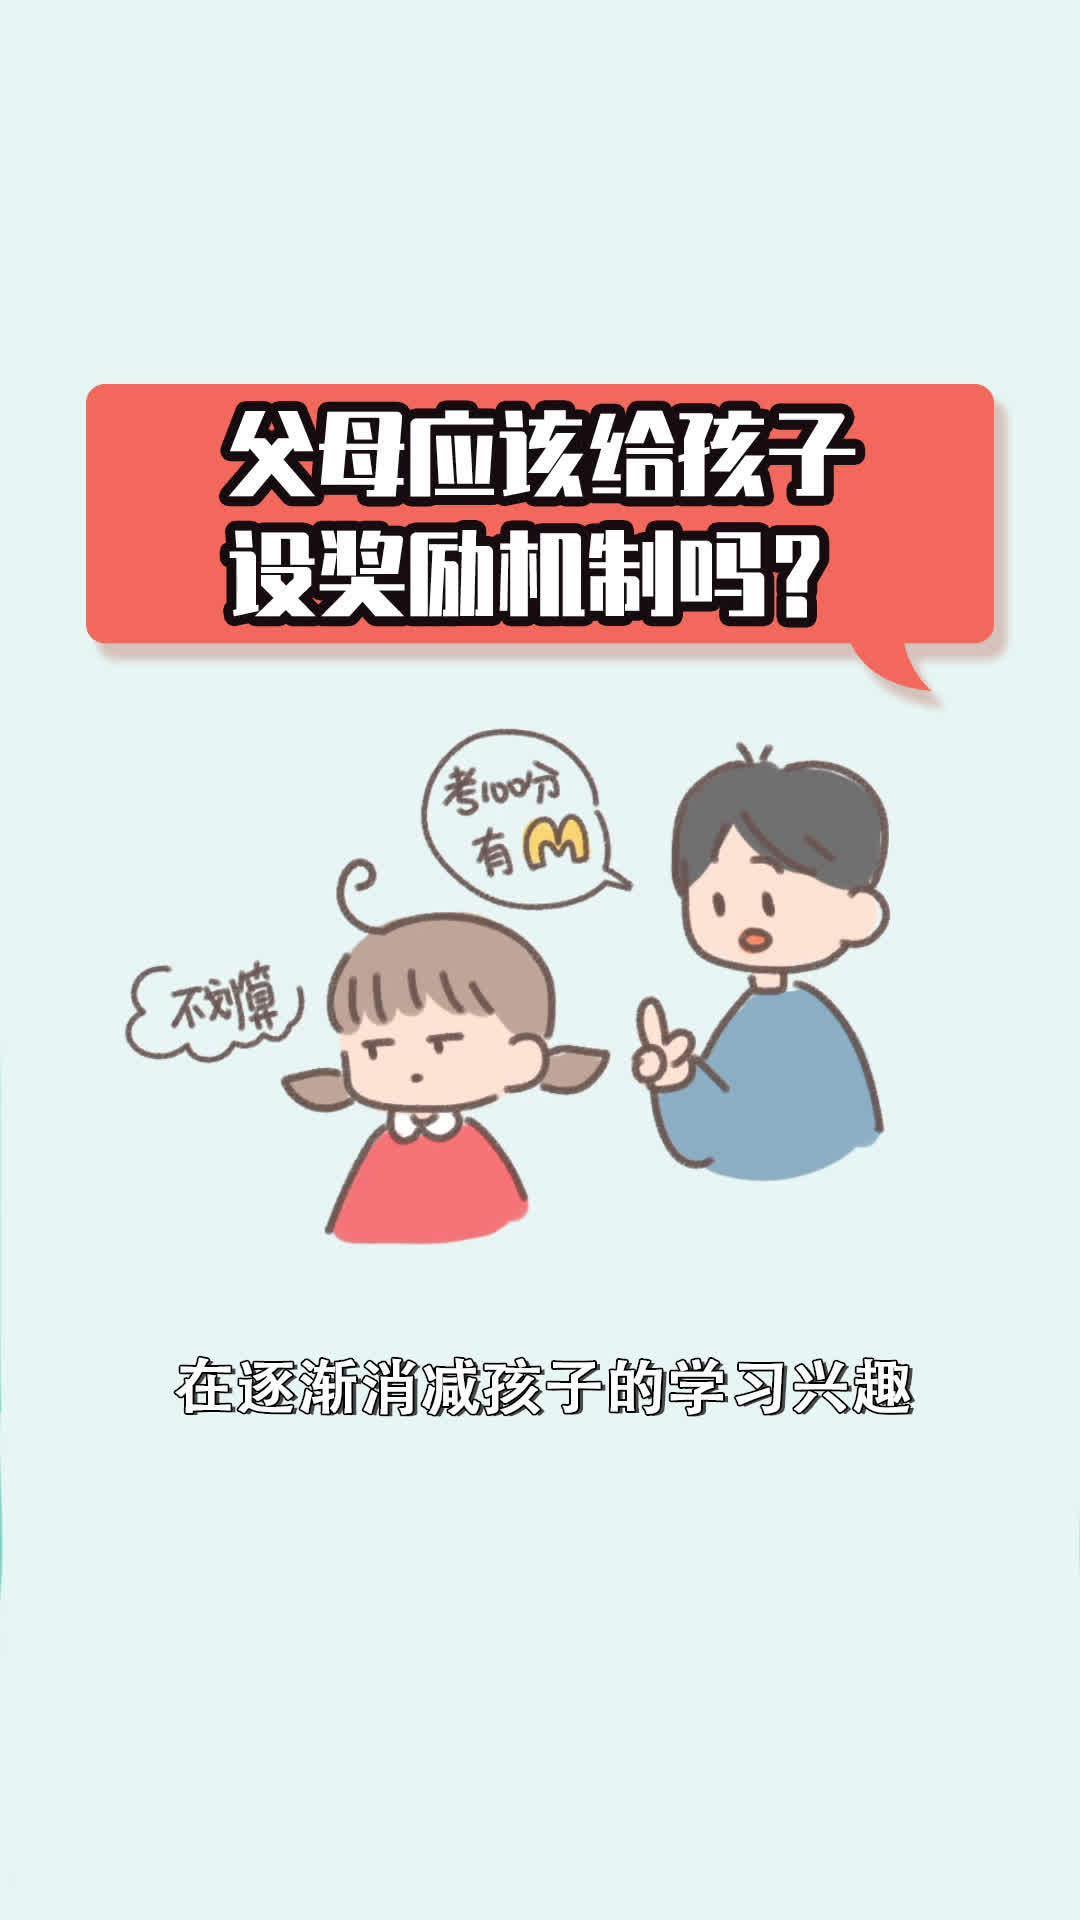 38-父母应该给孩子设奖励机制吗?